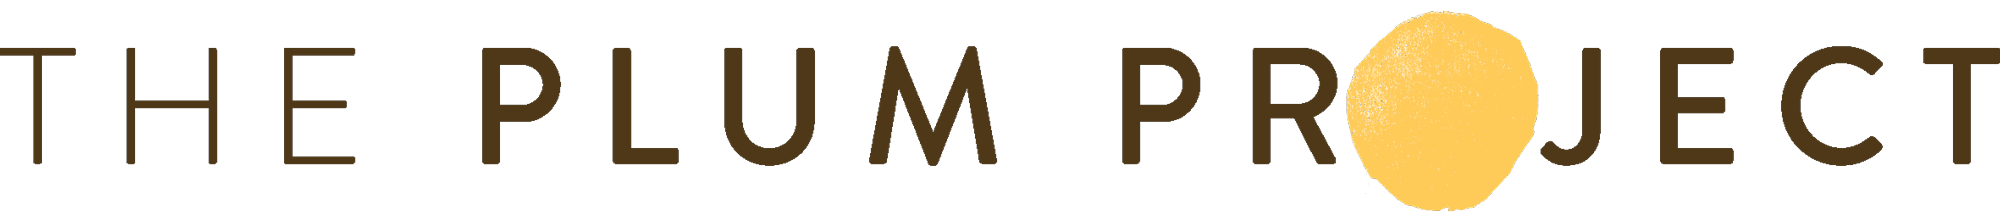 ThePlumProject_Logo_Horizontal.png